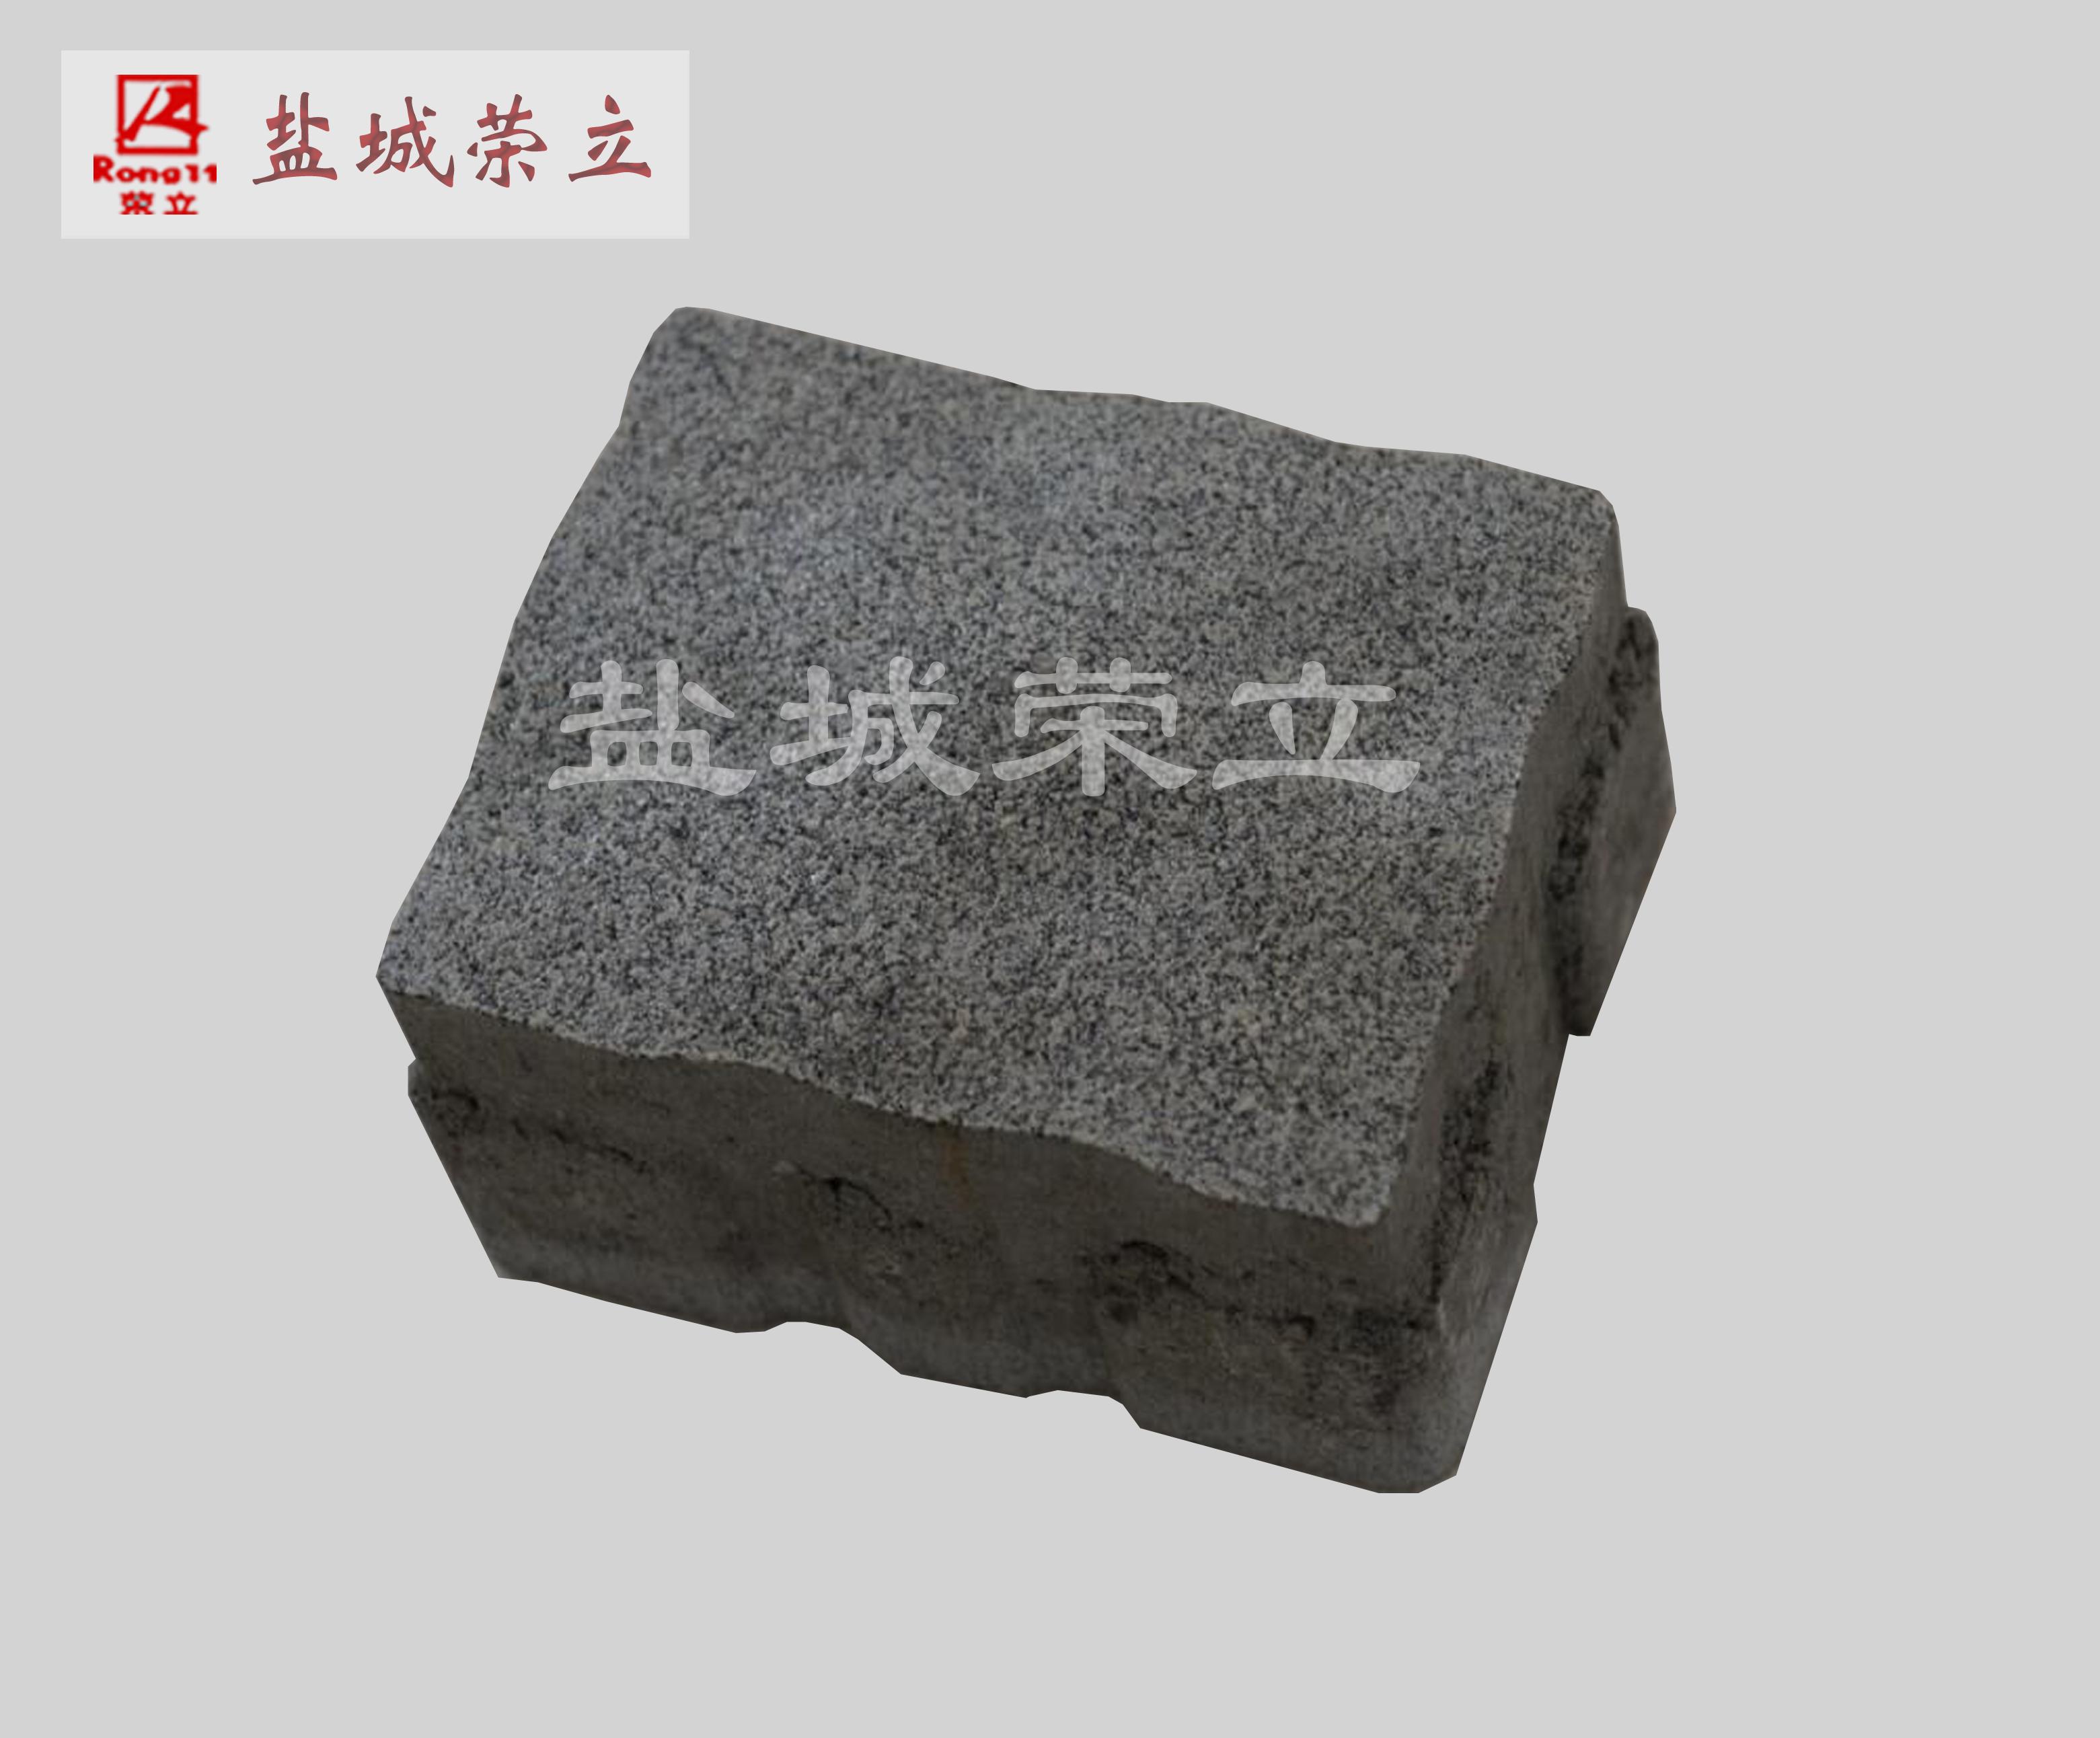 国产真实母伦中文字幕_波纹缝隙透水砖